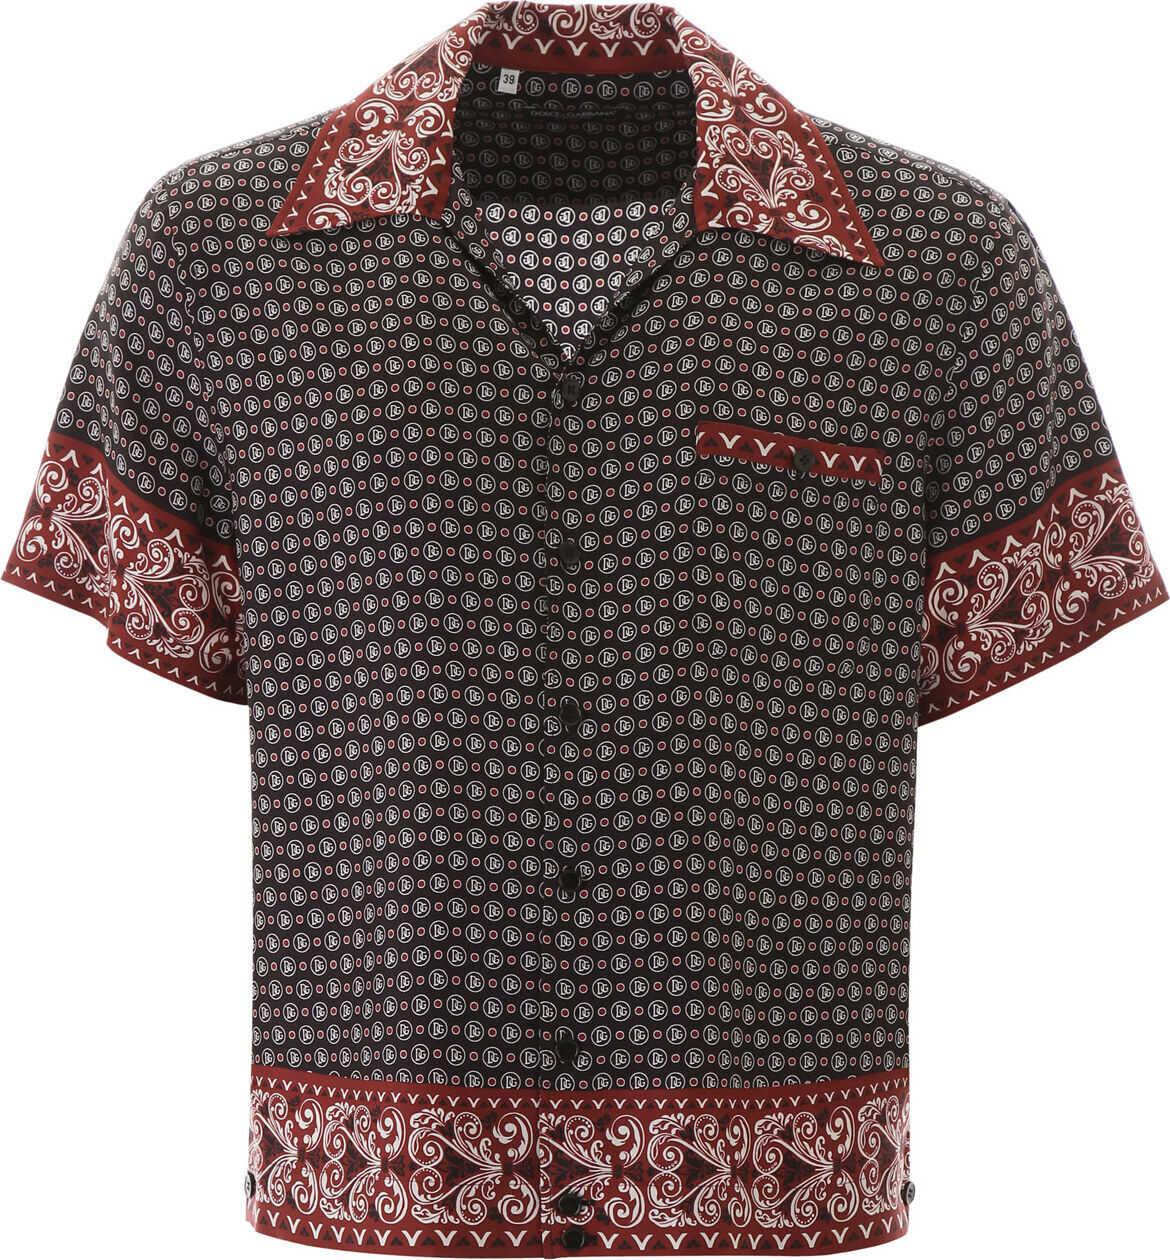 Dolce & Gabbana Bandana Print Hawaii Shirt BANDANA 24 F ROSSO